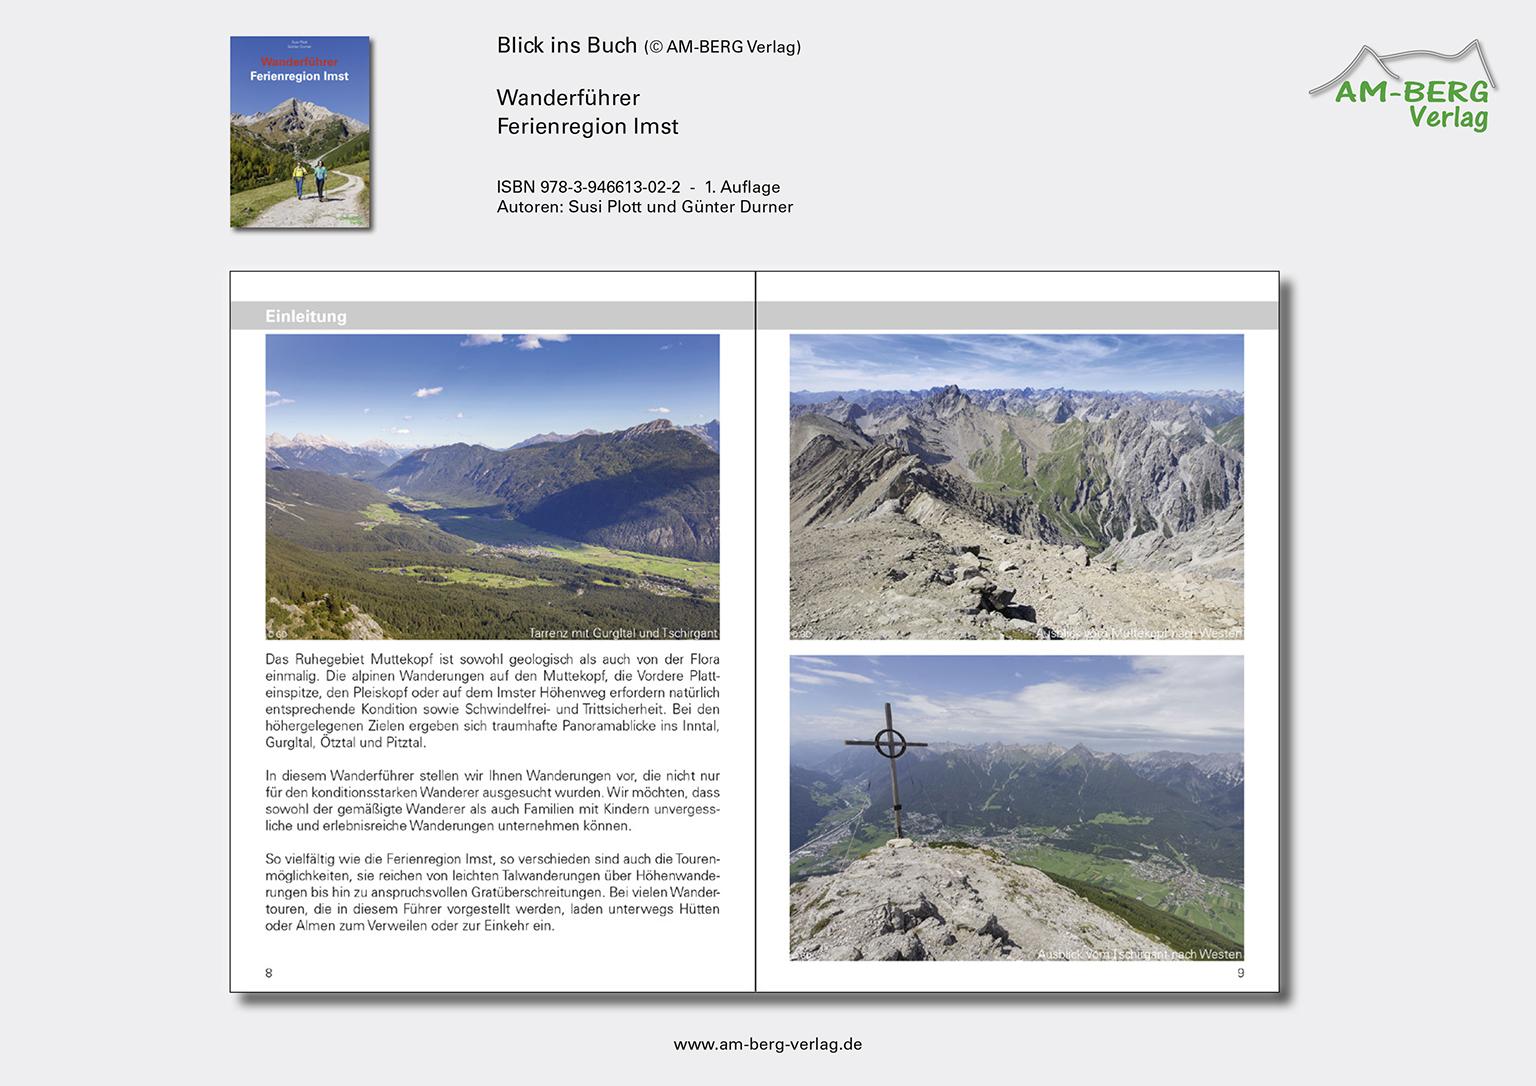 Wanderführer Ferienregion Imst_BlickinsBuch05